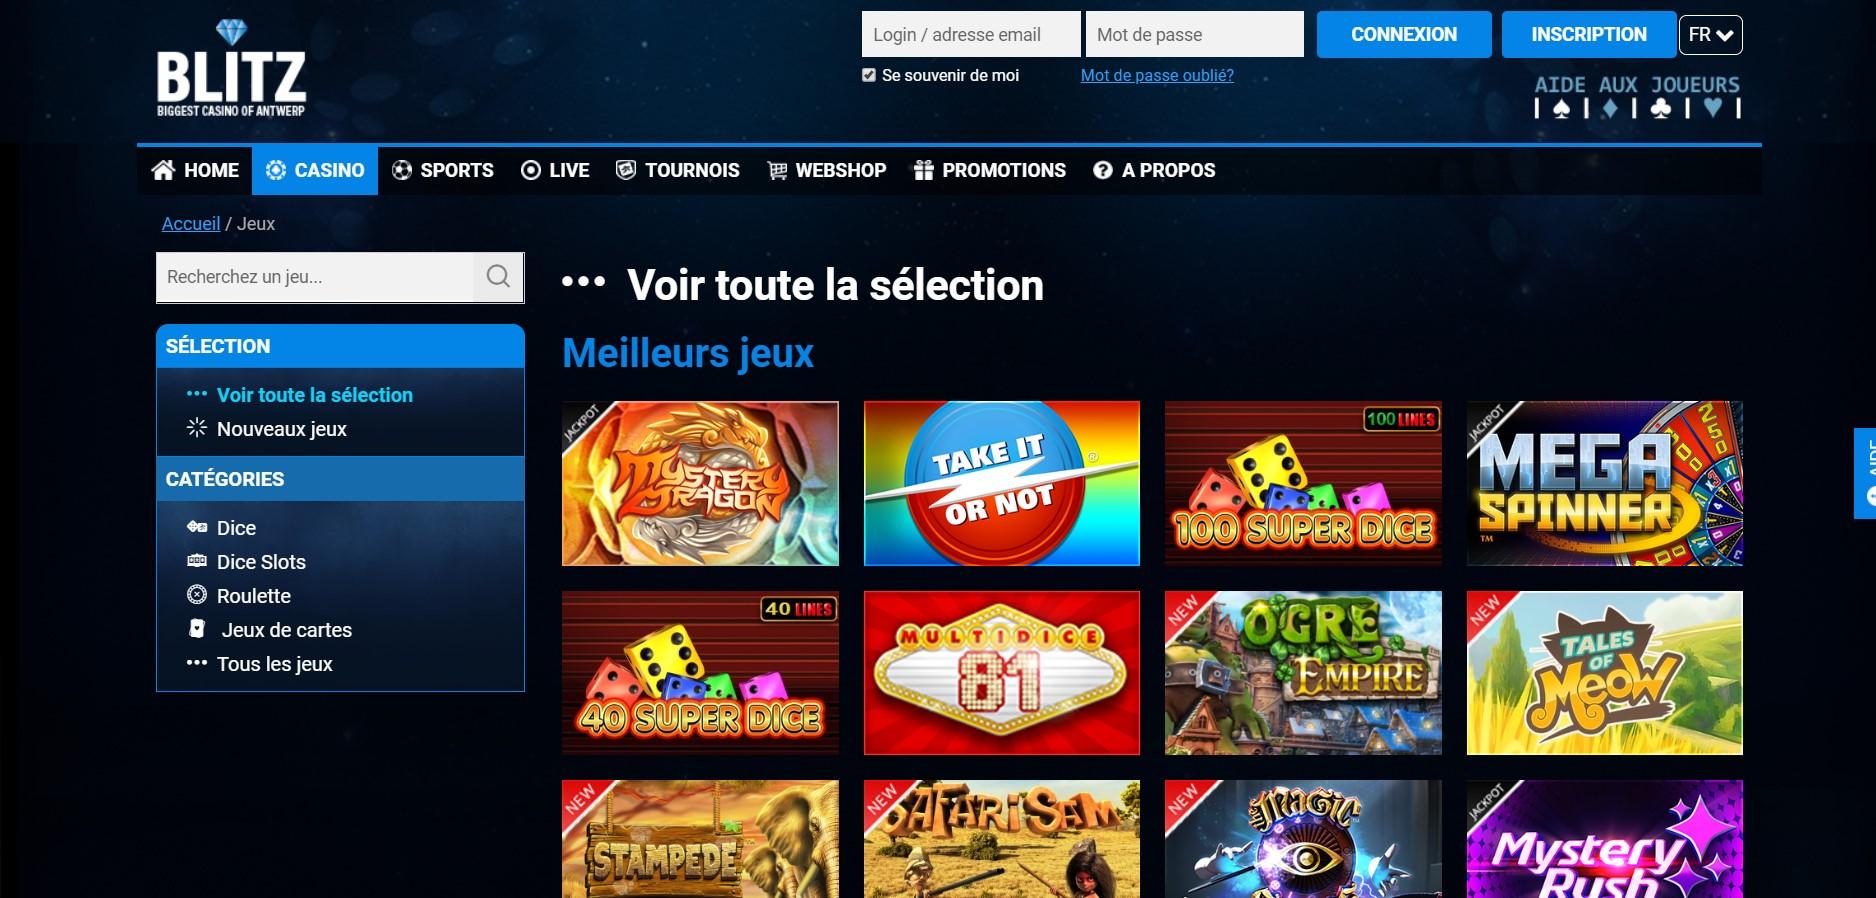 Avis Blitz casino : les particularités de ce casino en ligne !